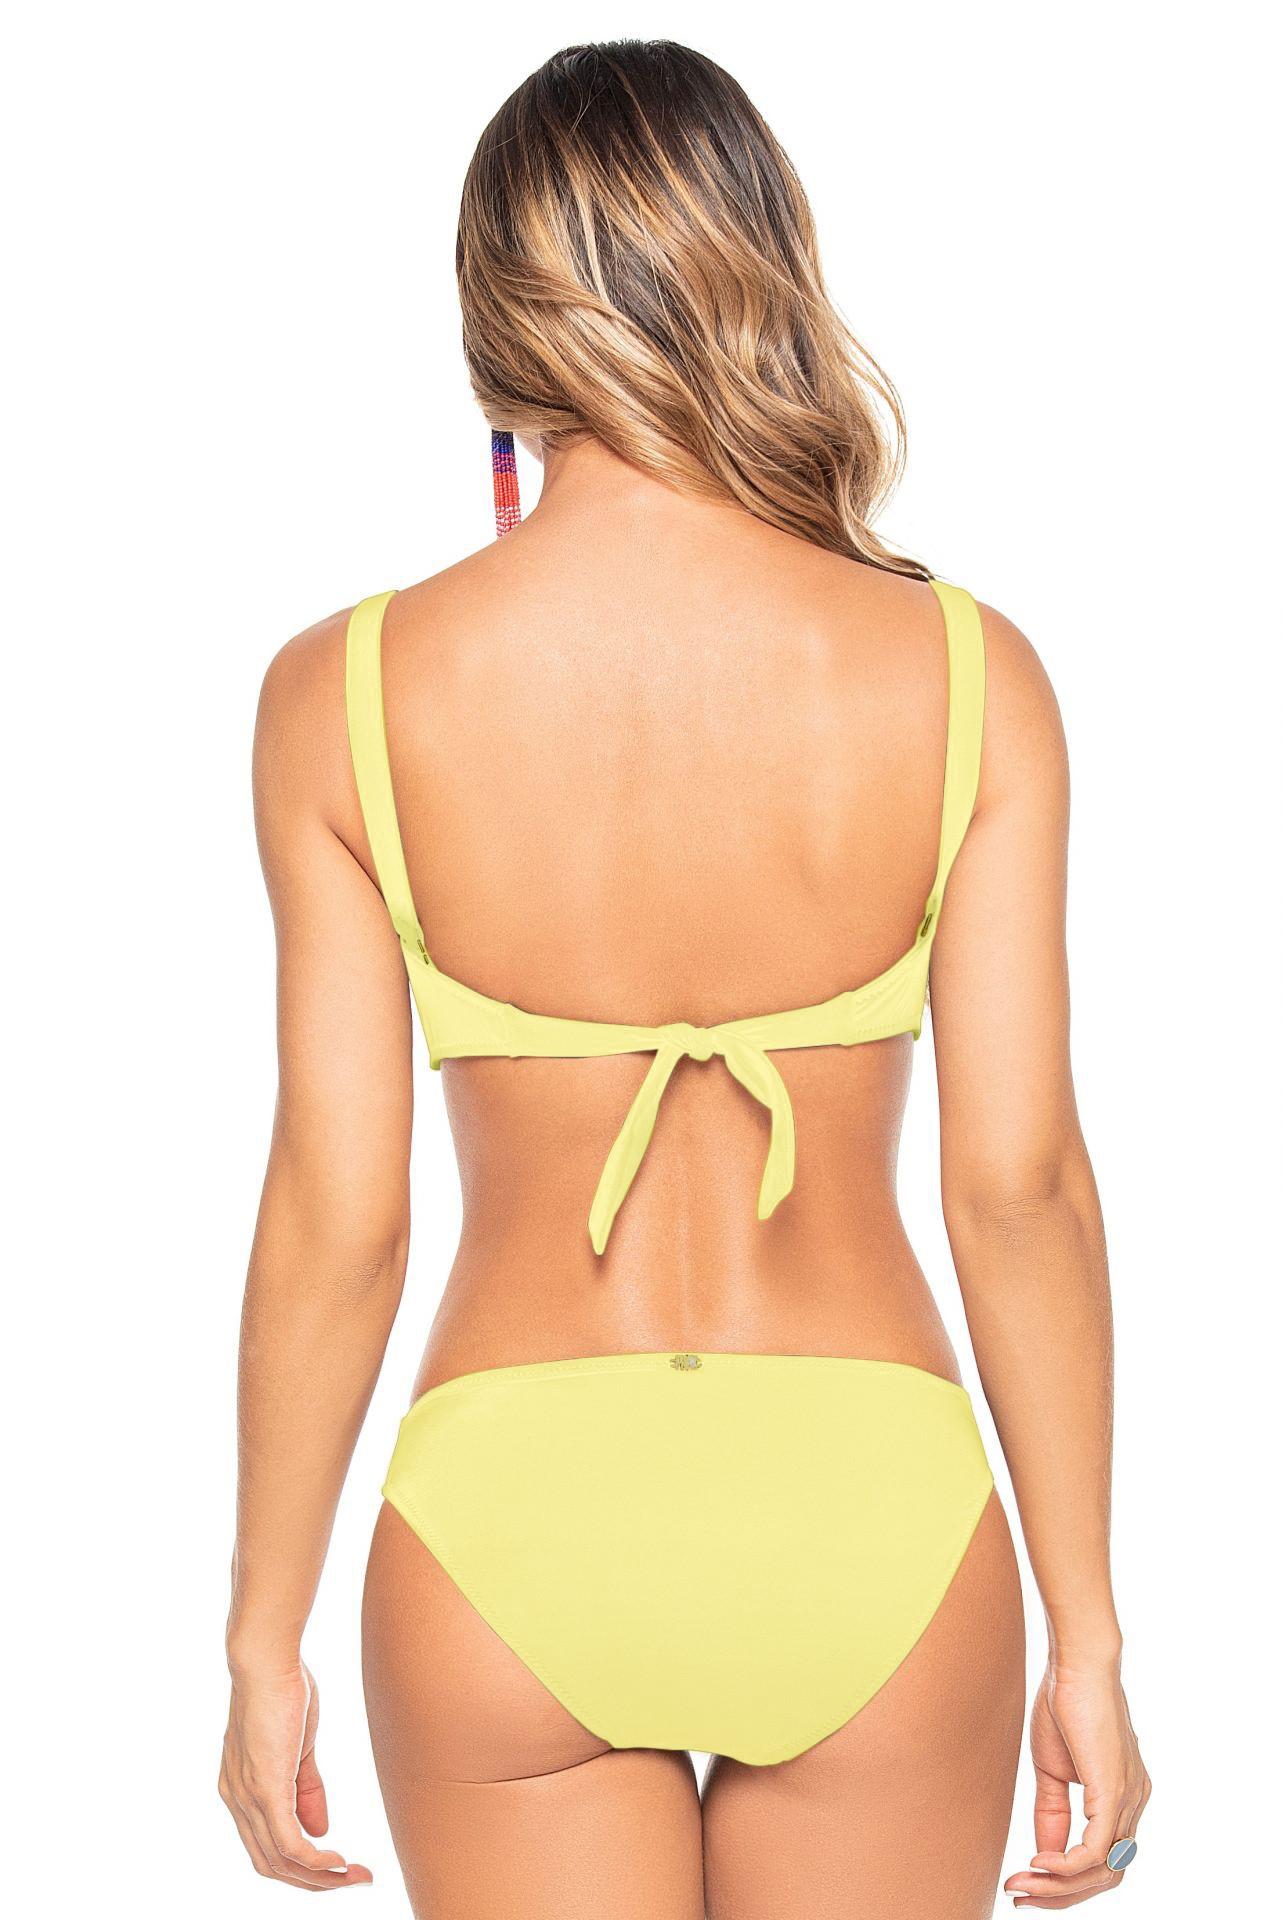 Phax Mimosa Yellow Strapless Wire Bikini